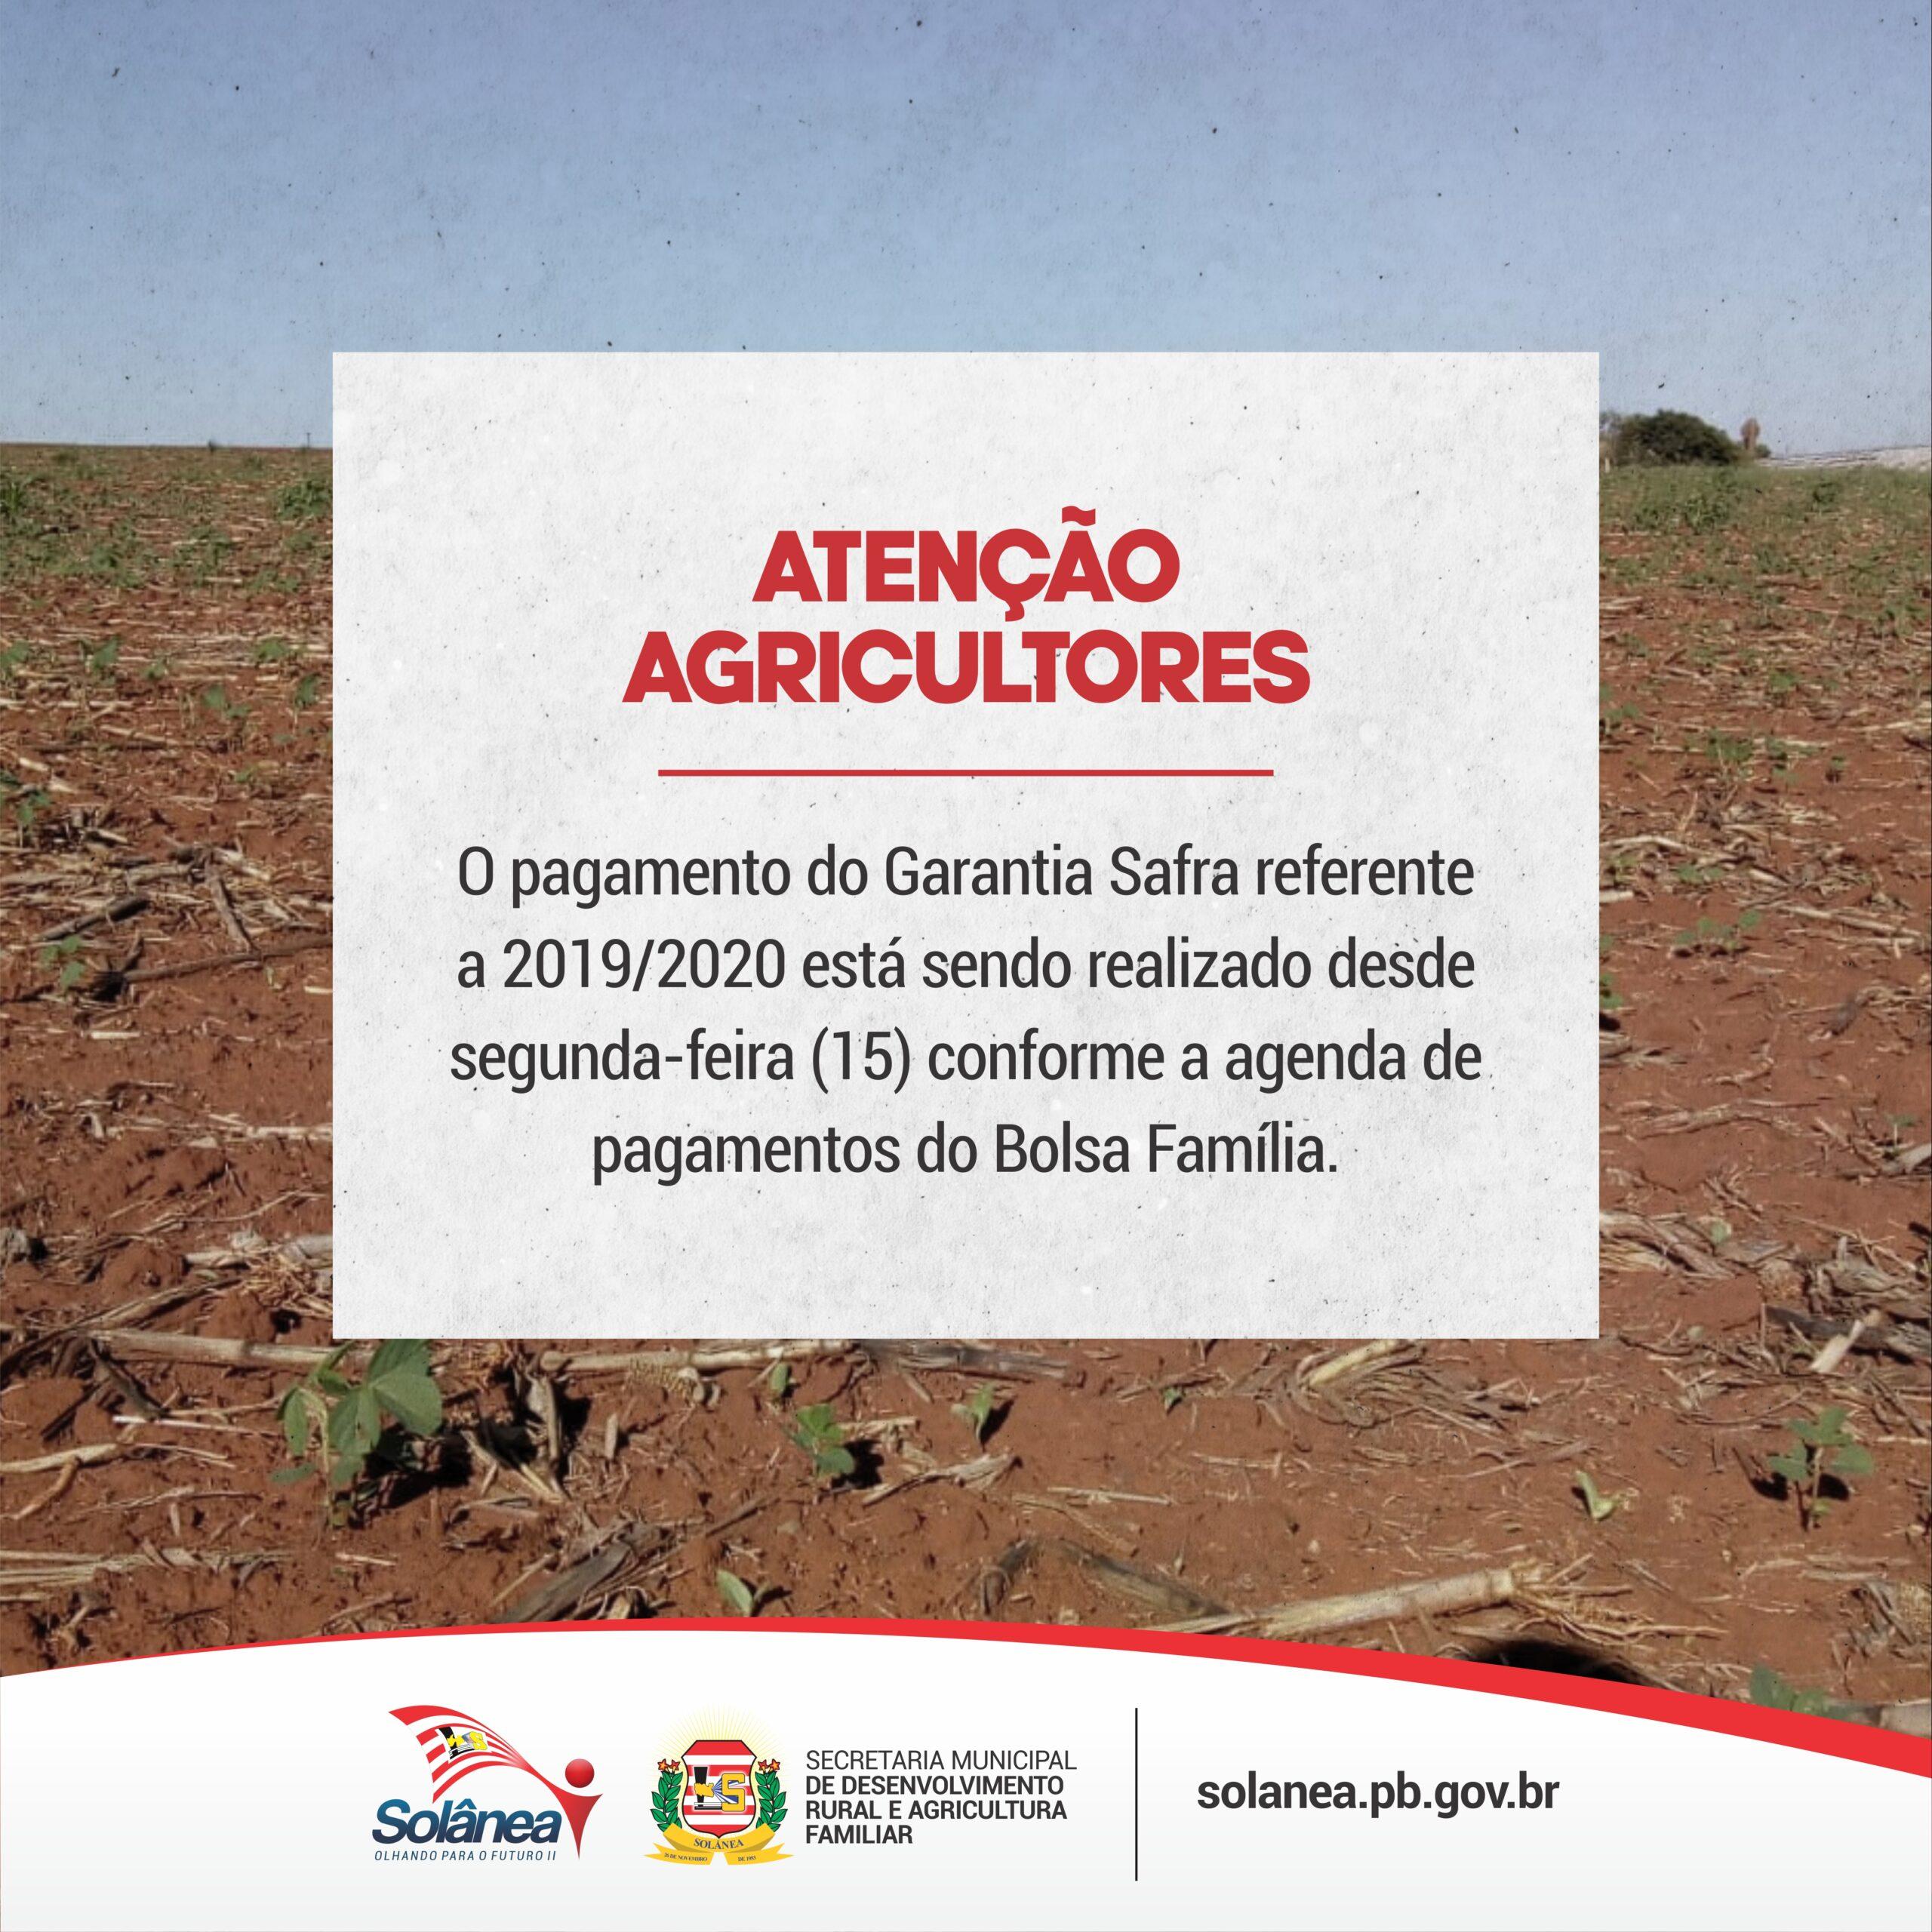 Agricultores de Solânea recebem, a partir de hoje, pagamento do Garantia Safra.